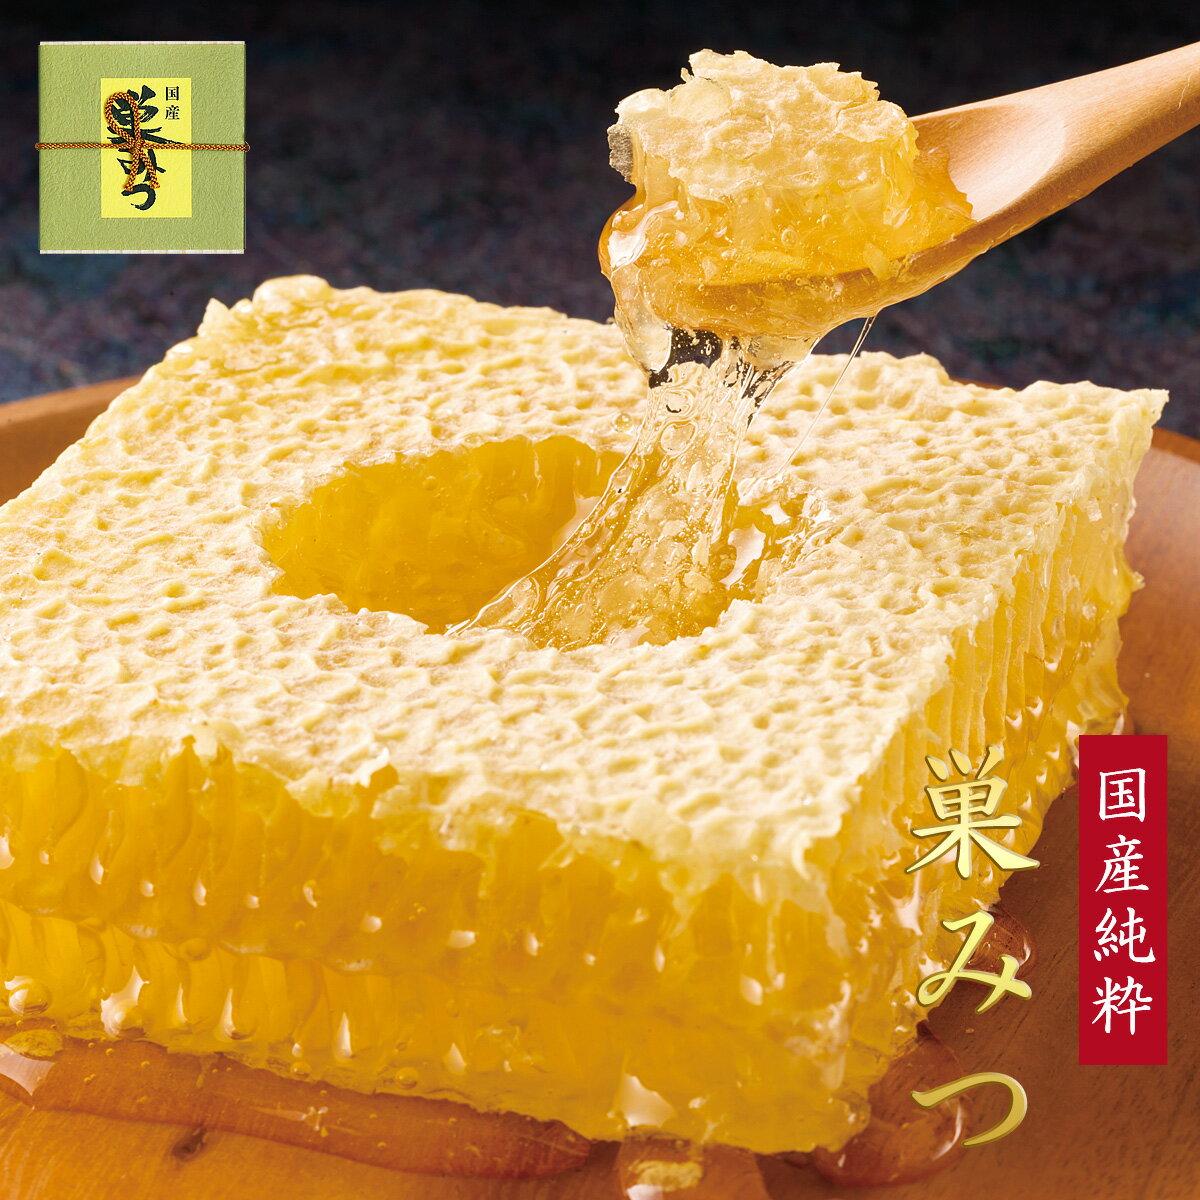 九州蜂の子本舗『国産純粋巣みつ』